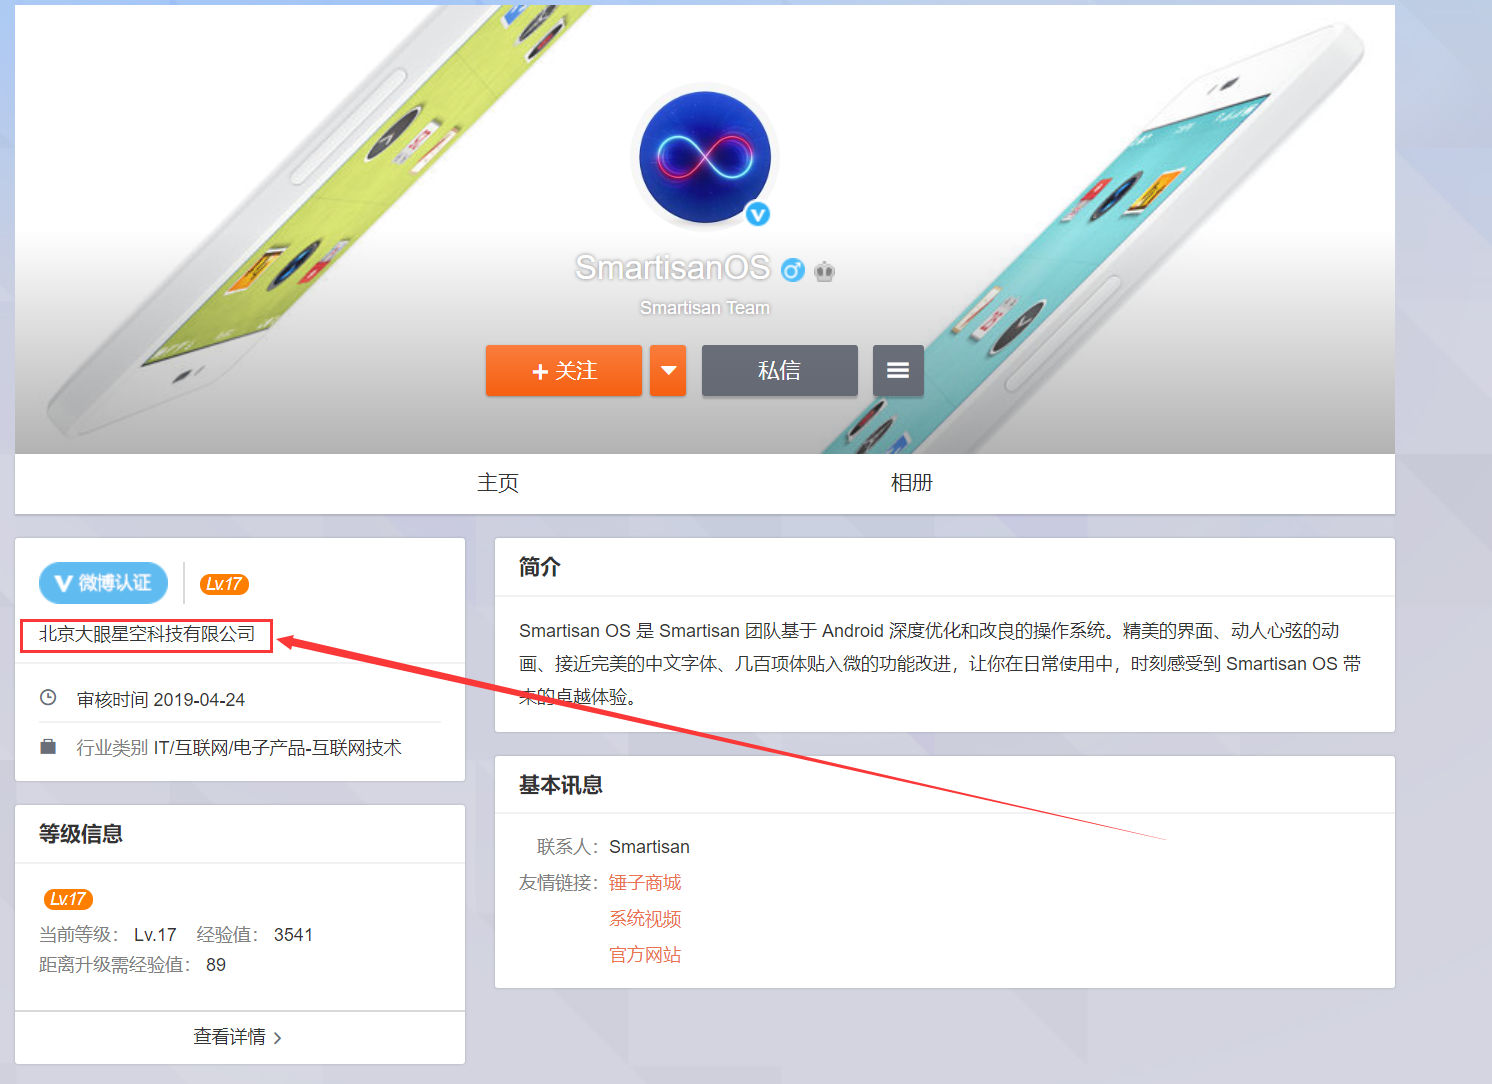 锤子Smartisan OS官微认证信息变更:主体已成为字节跳动旗下公司